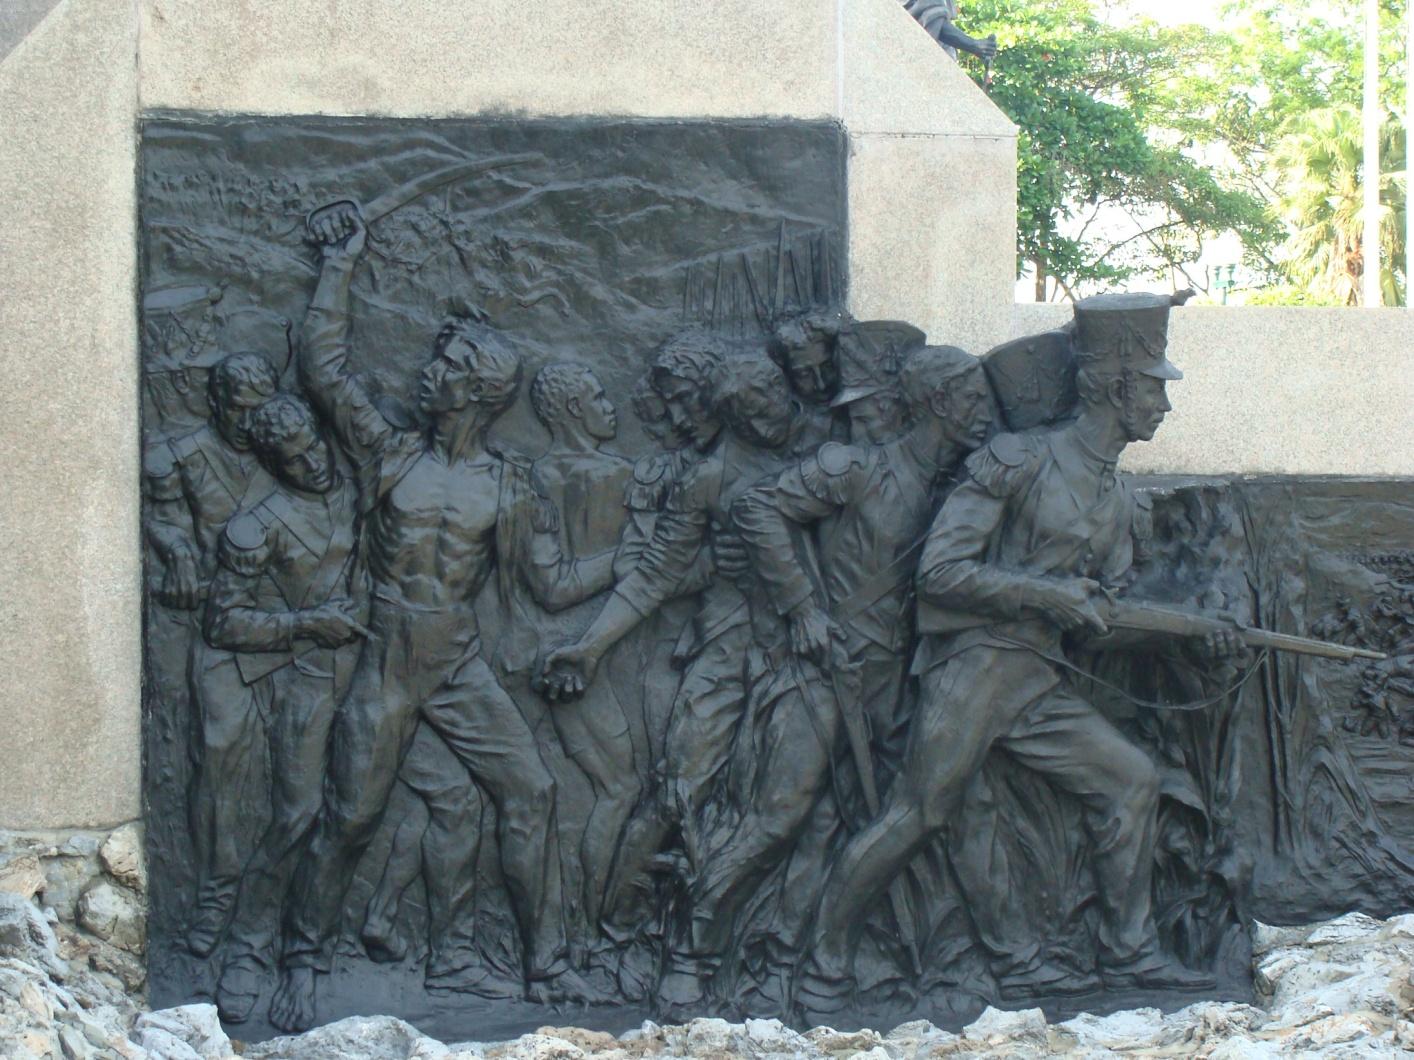 grabados en el monumento de el altar de lapatria